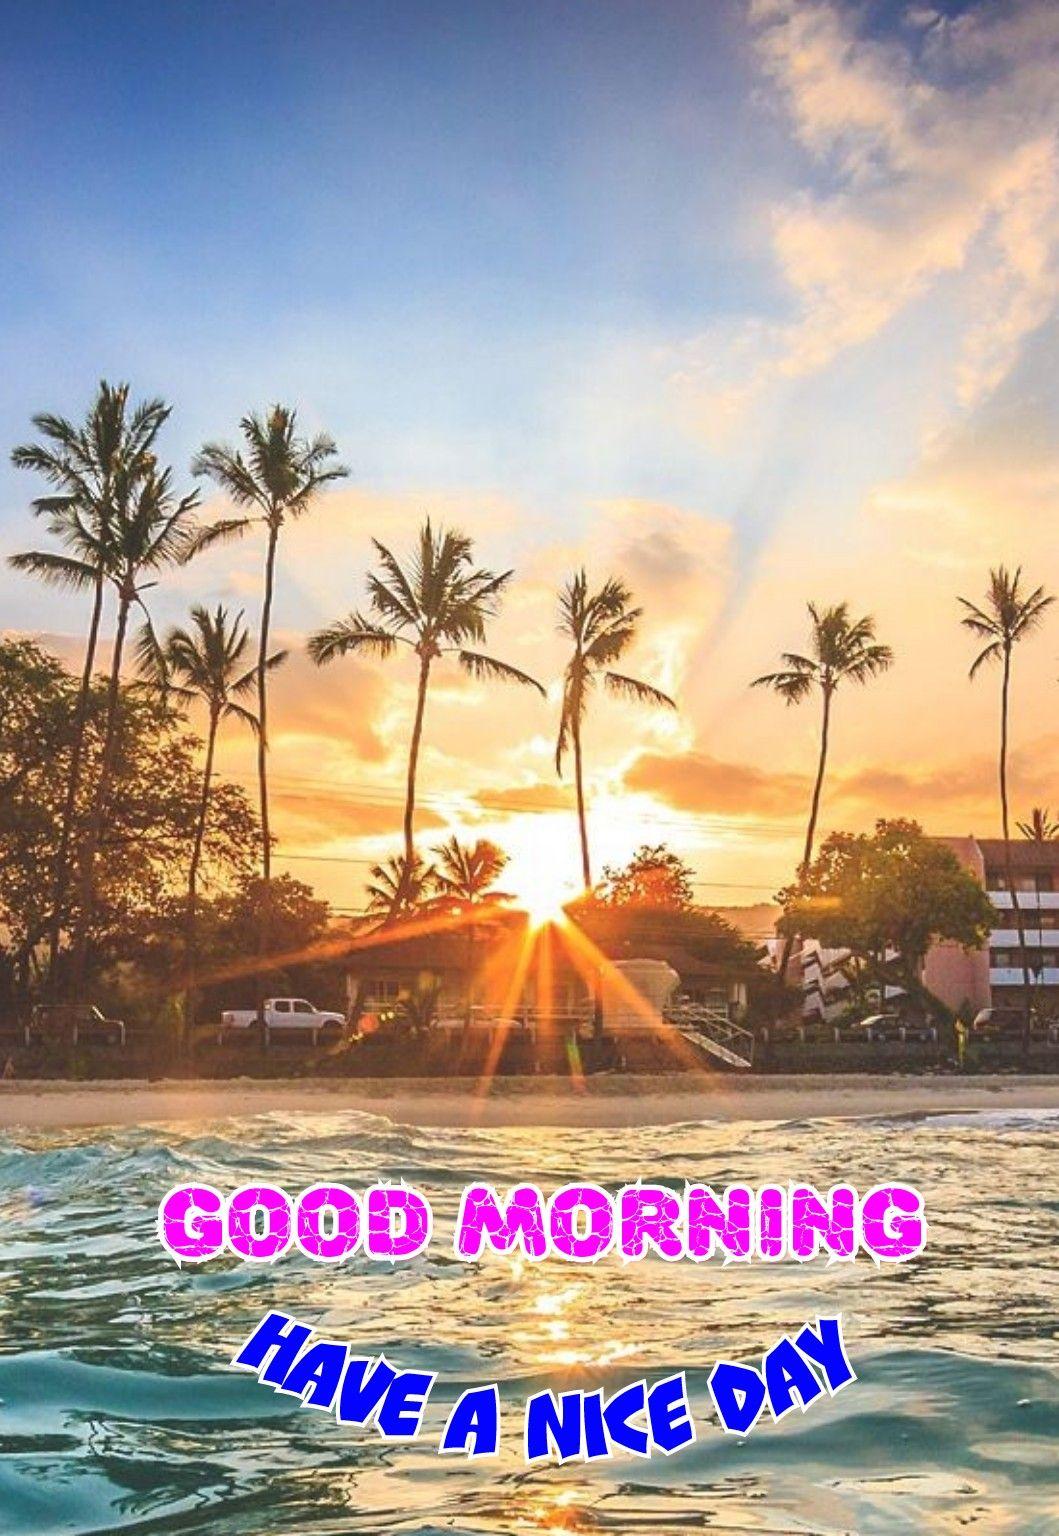 Wunderschönen guten morgen sprüche - Wunderschönen guten morgen sprüche